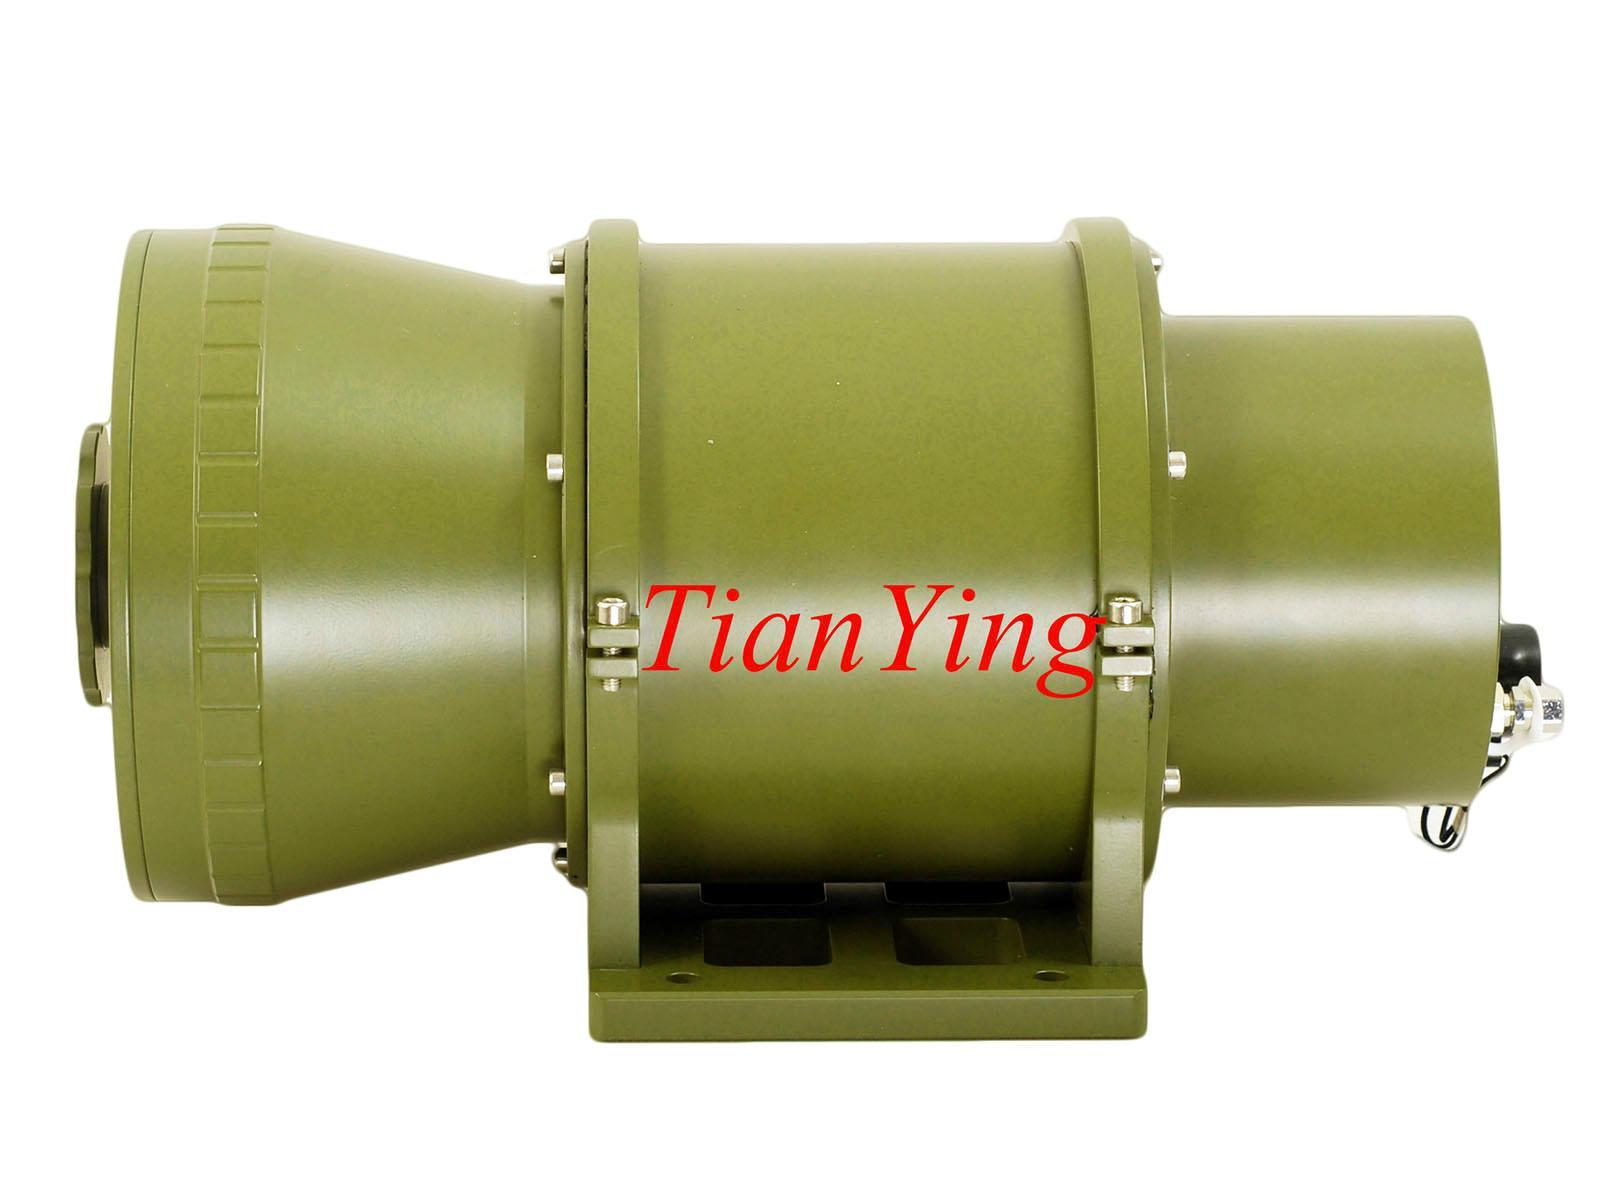 640x512 56mk 75-330mm Focus 10km/15km Thermal Imaging Camera